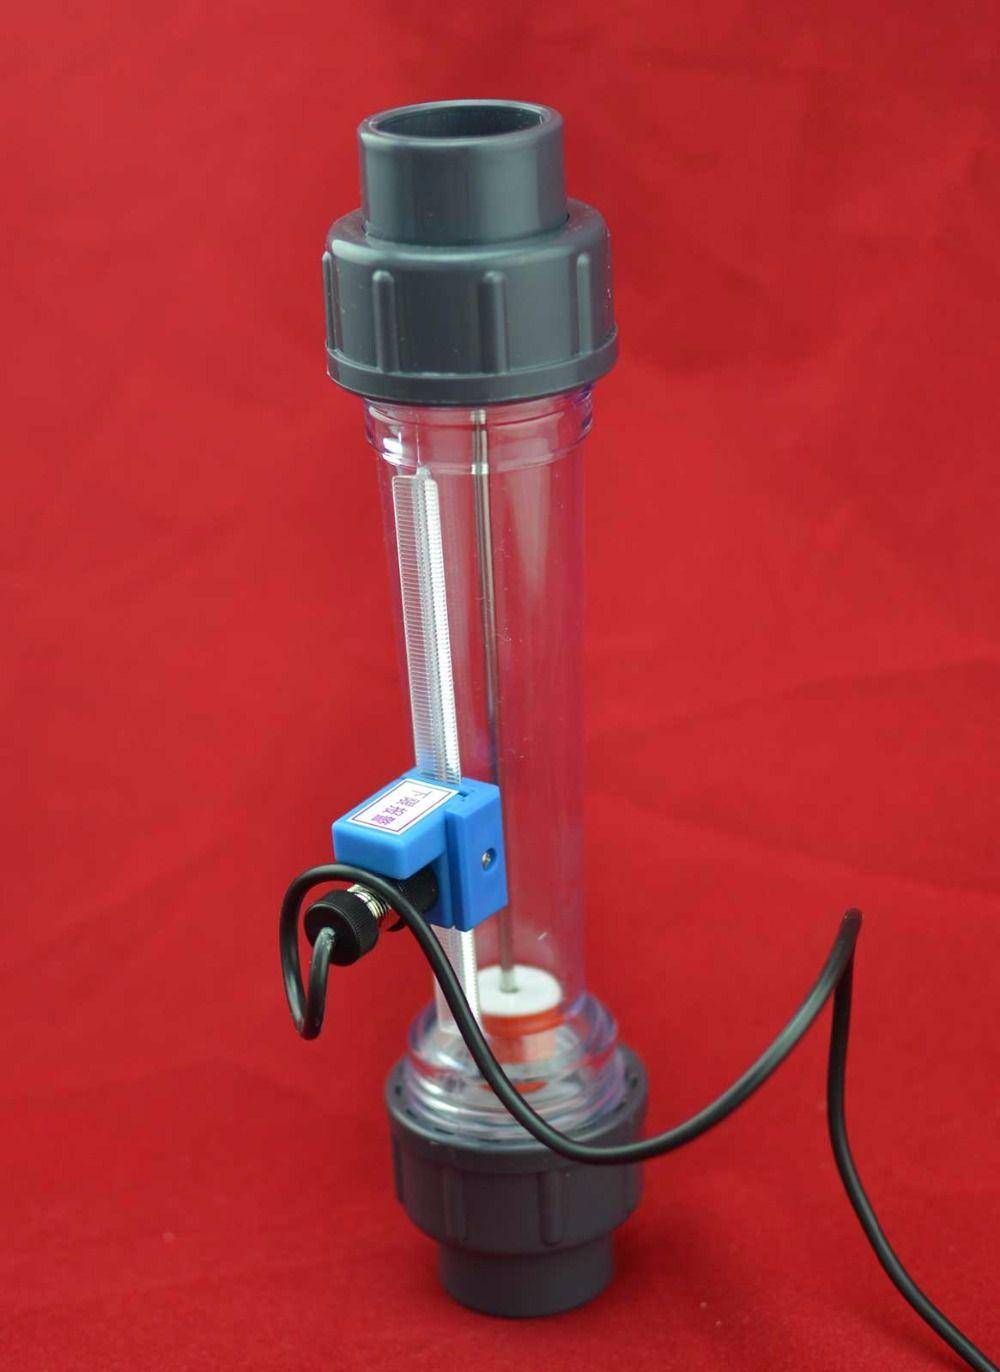 LZS-15A 80 à 800L/H ~ 1000L/H rotamètre à eau en tube plastique avec alarme de débit avec limite inférieure (par défaut) ou limite supérieure